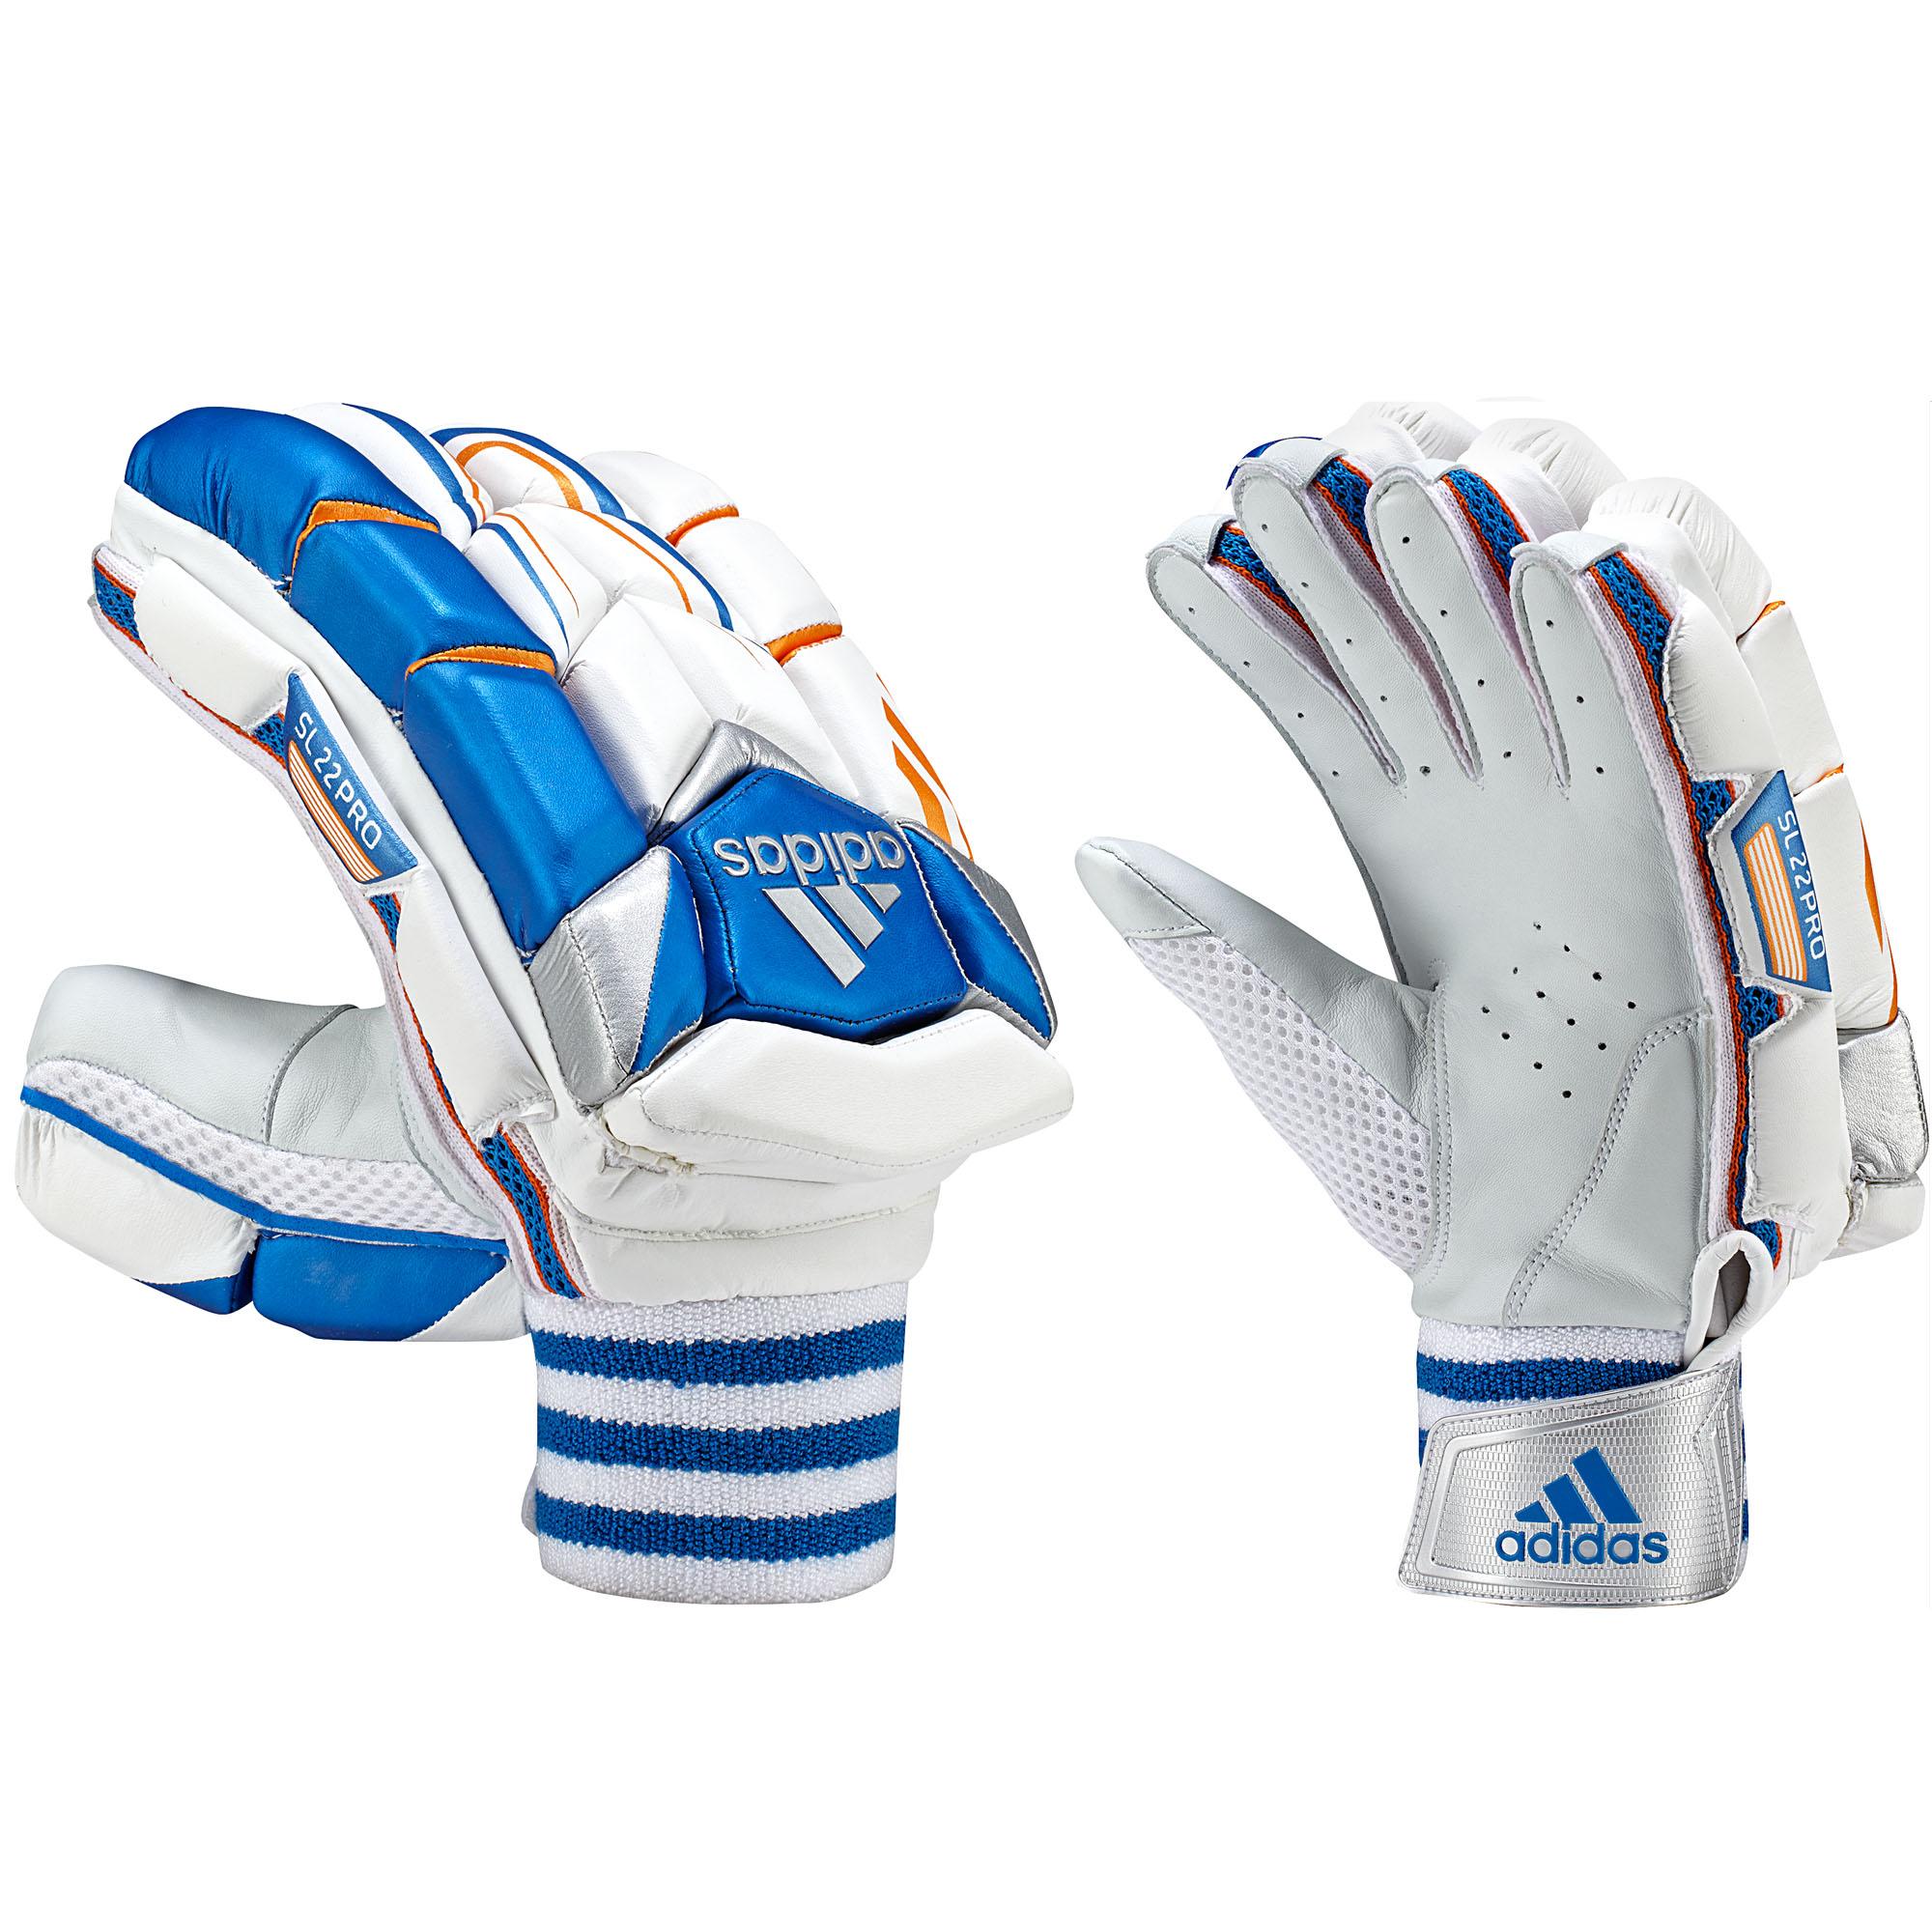 Splay Mens Cricket Gloves Batting Gloves Right hand Men Adult  Blue MRH